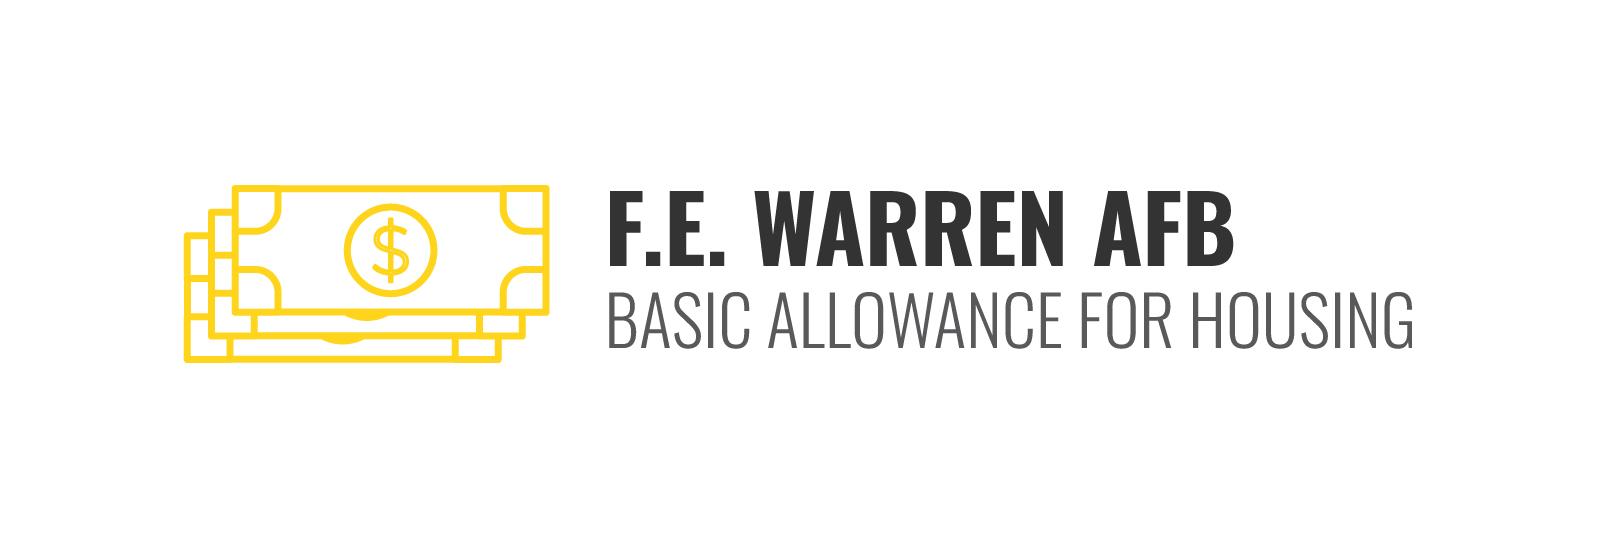 F.E. Warren AFB BAH